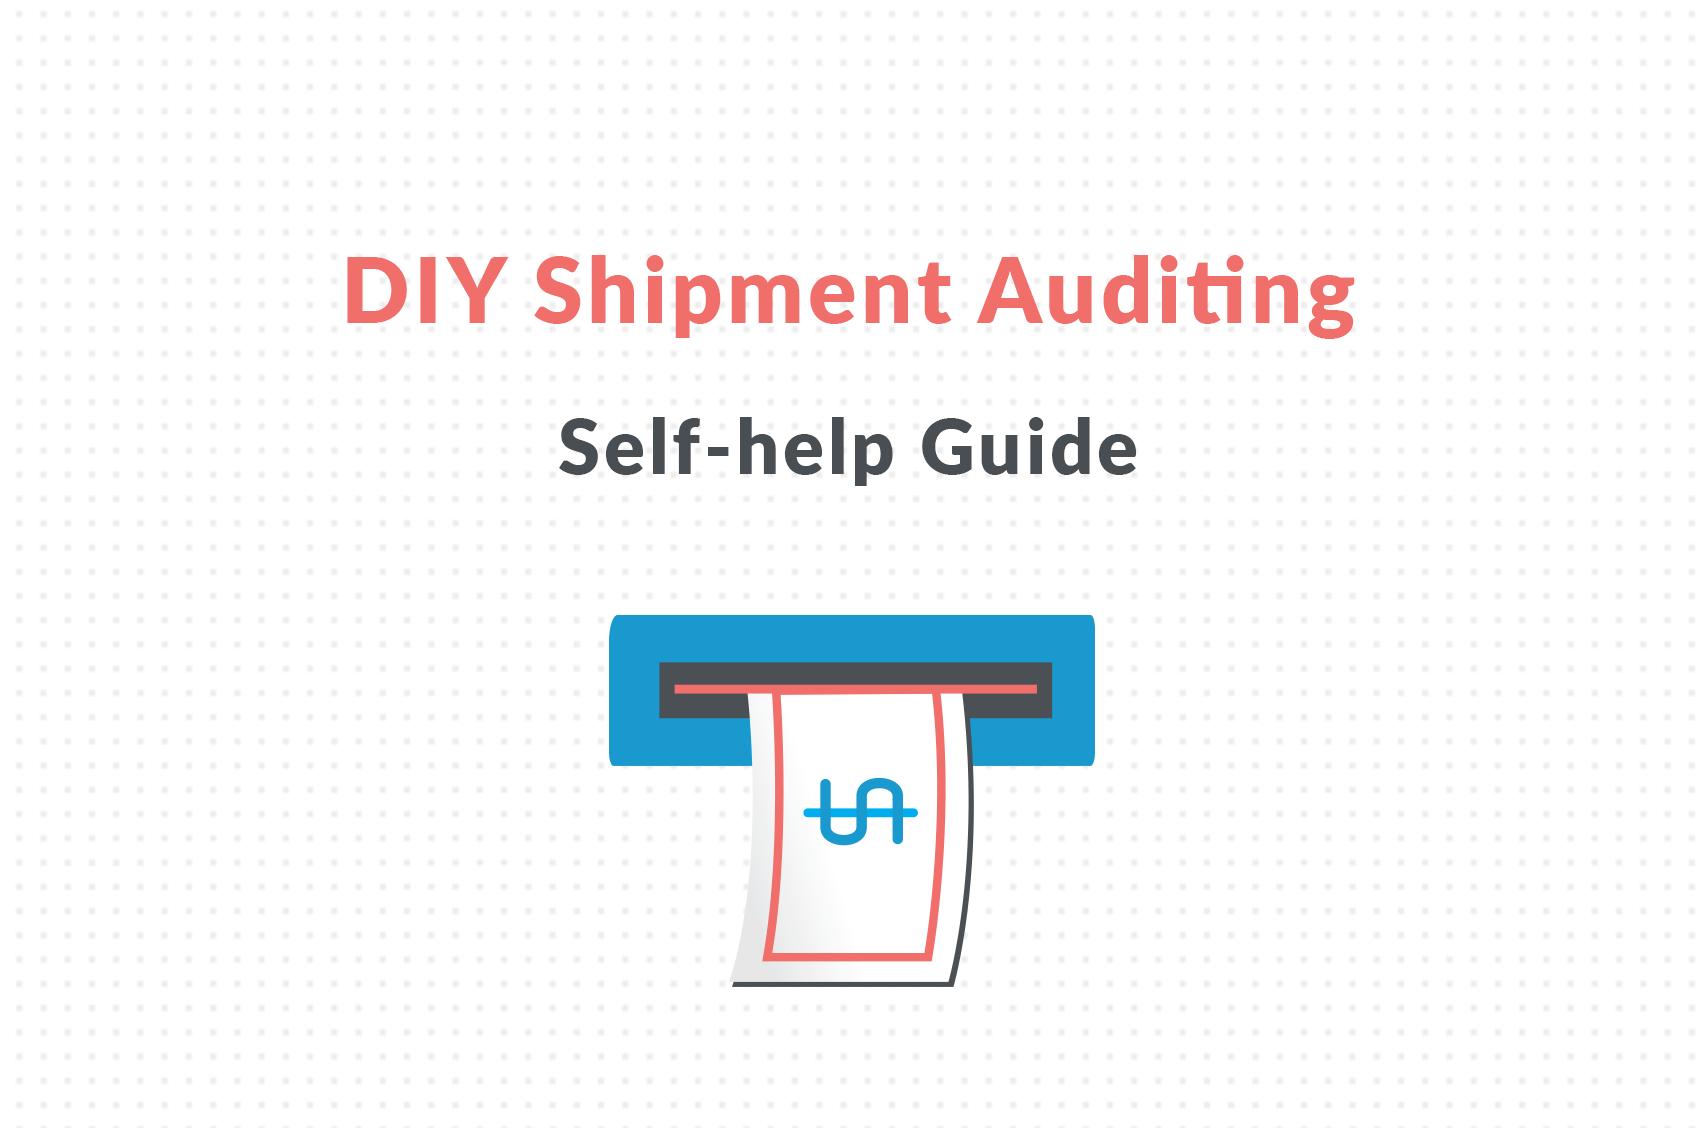 diy shipment auditing